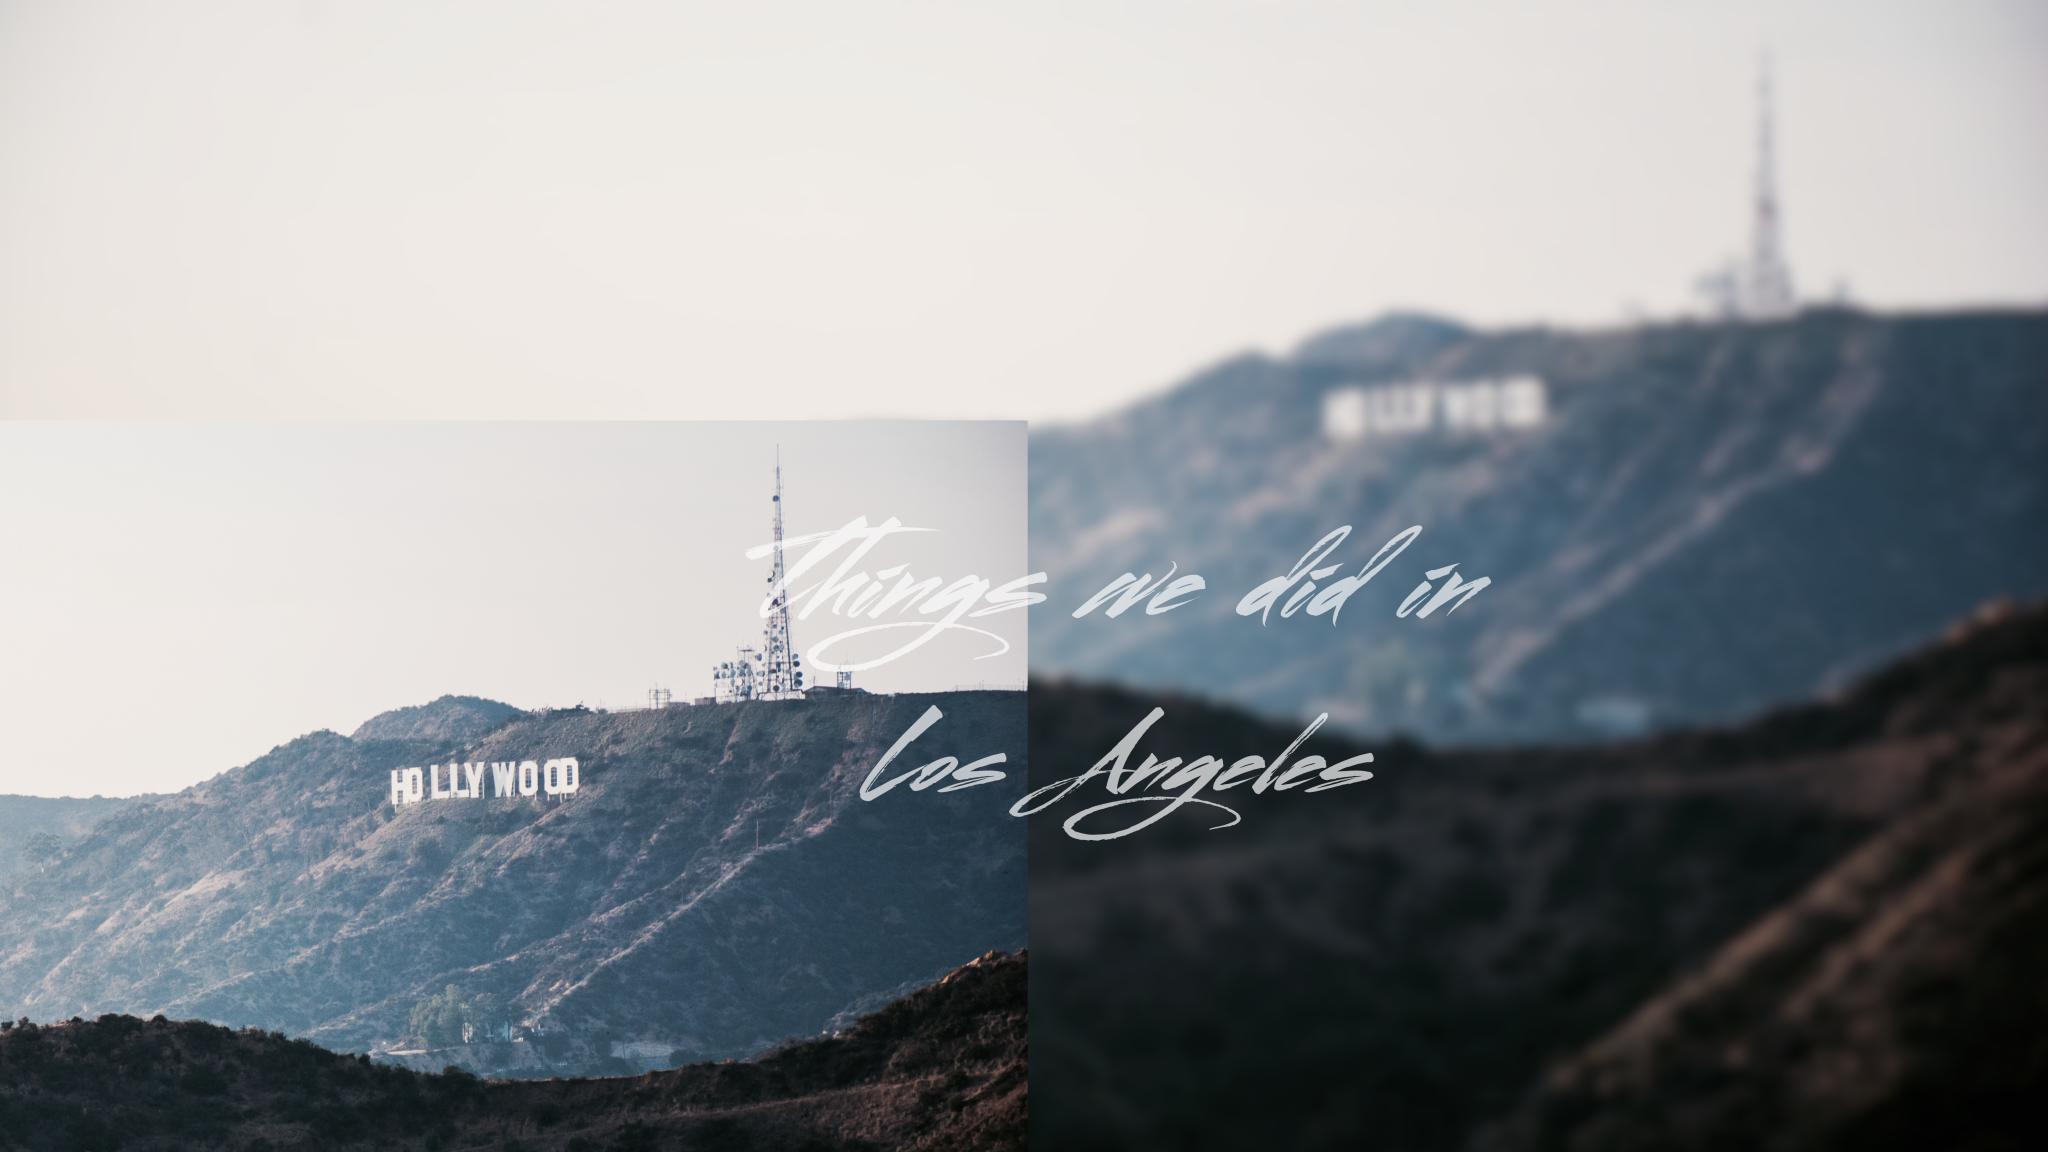 Los Angeles Tipps und Empfehlungen - Hollywood Sign - Nowshine ü 40 Reiseblog